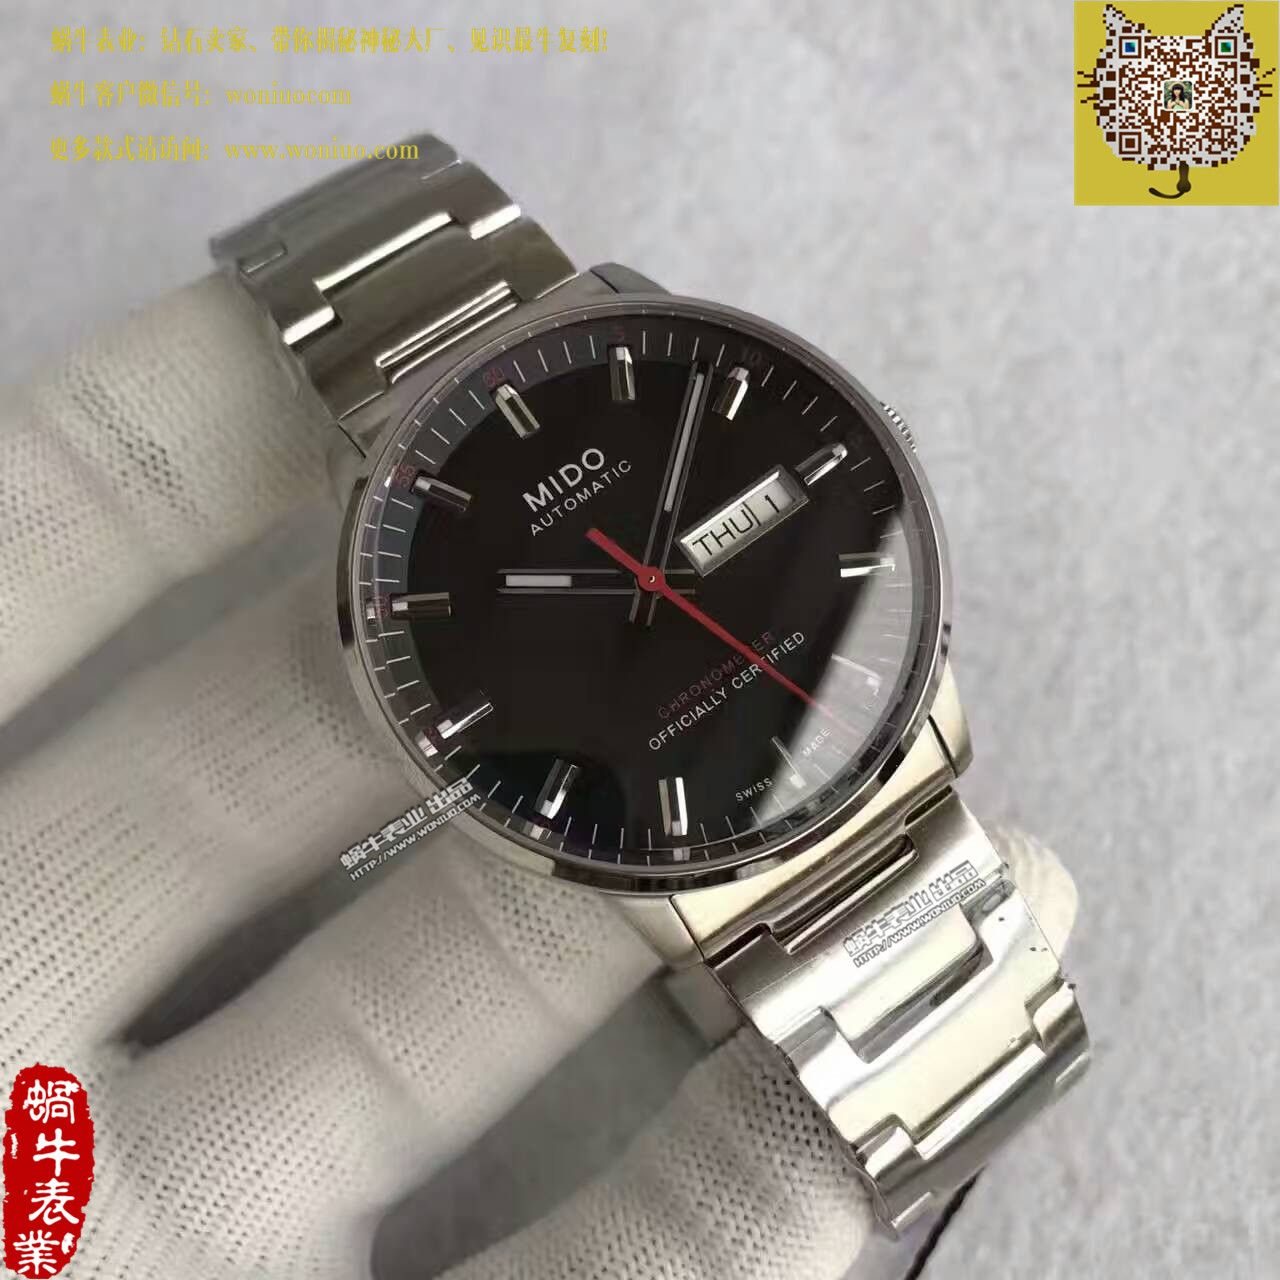 【台湾厂1:1精仿手表】美度指挥官系列M021.431.11.051.00腕表 / M11